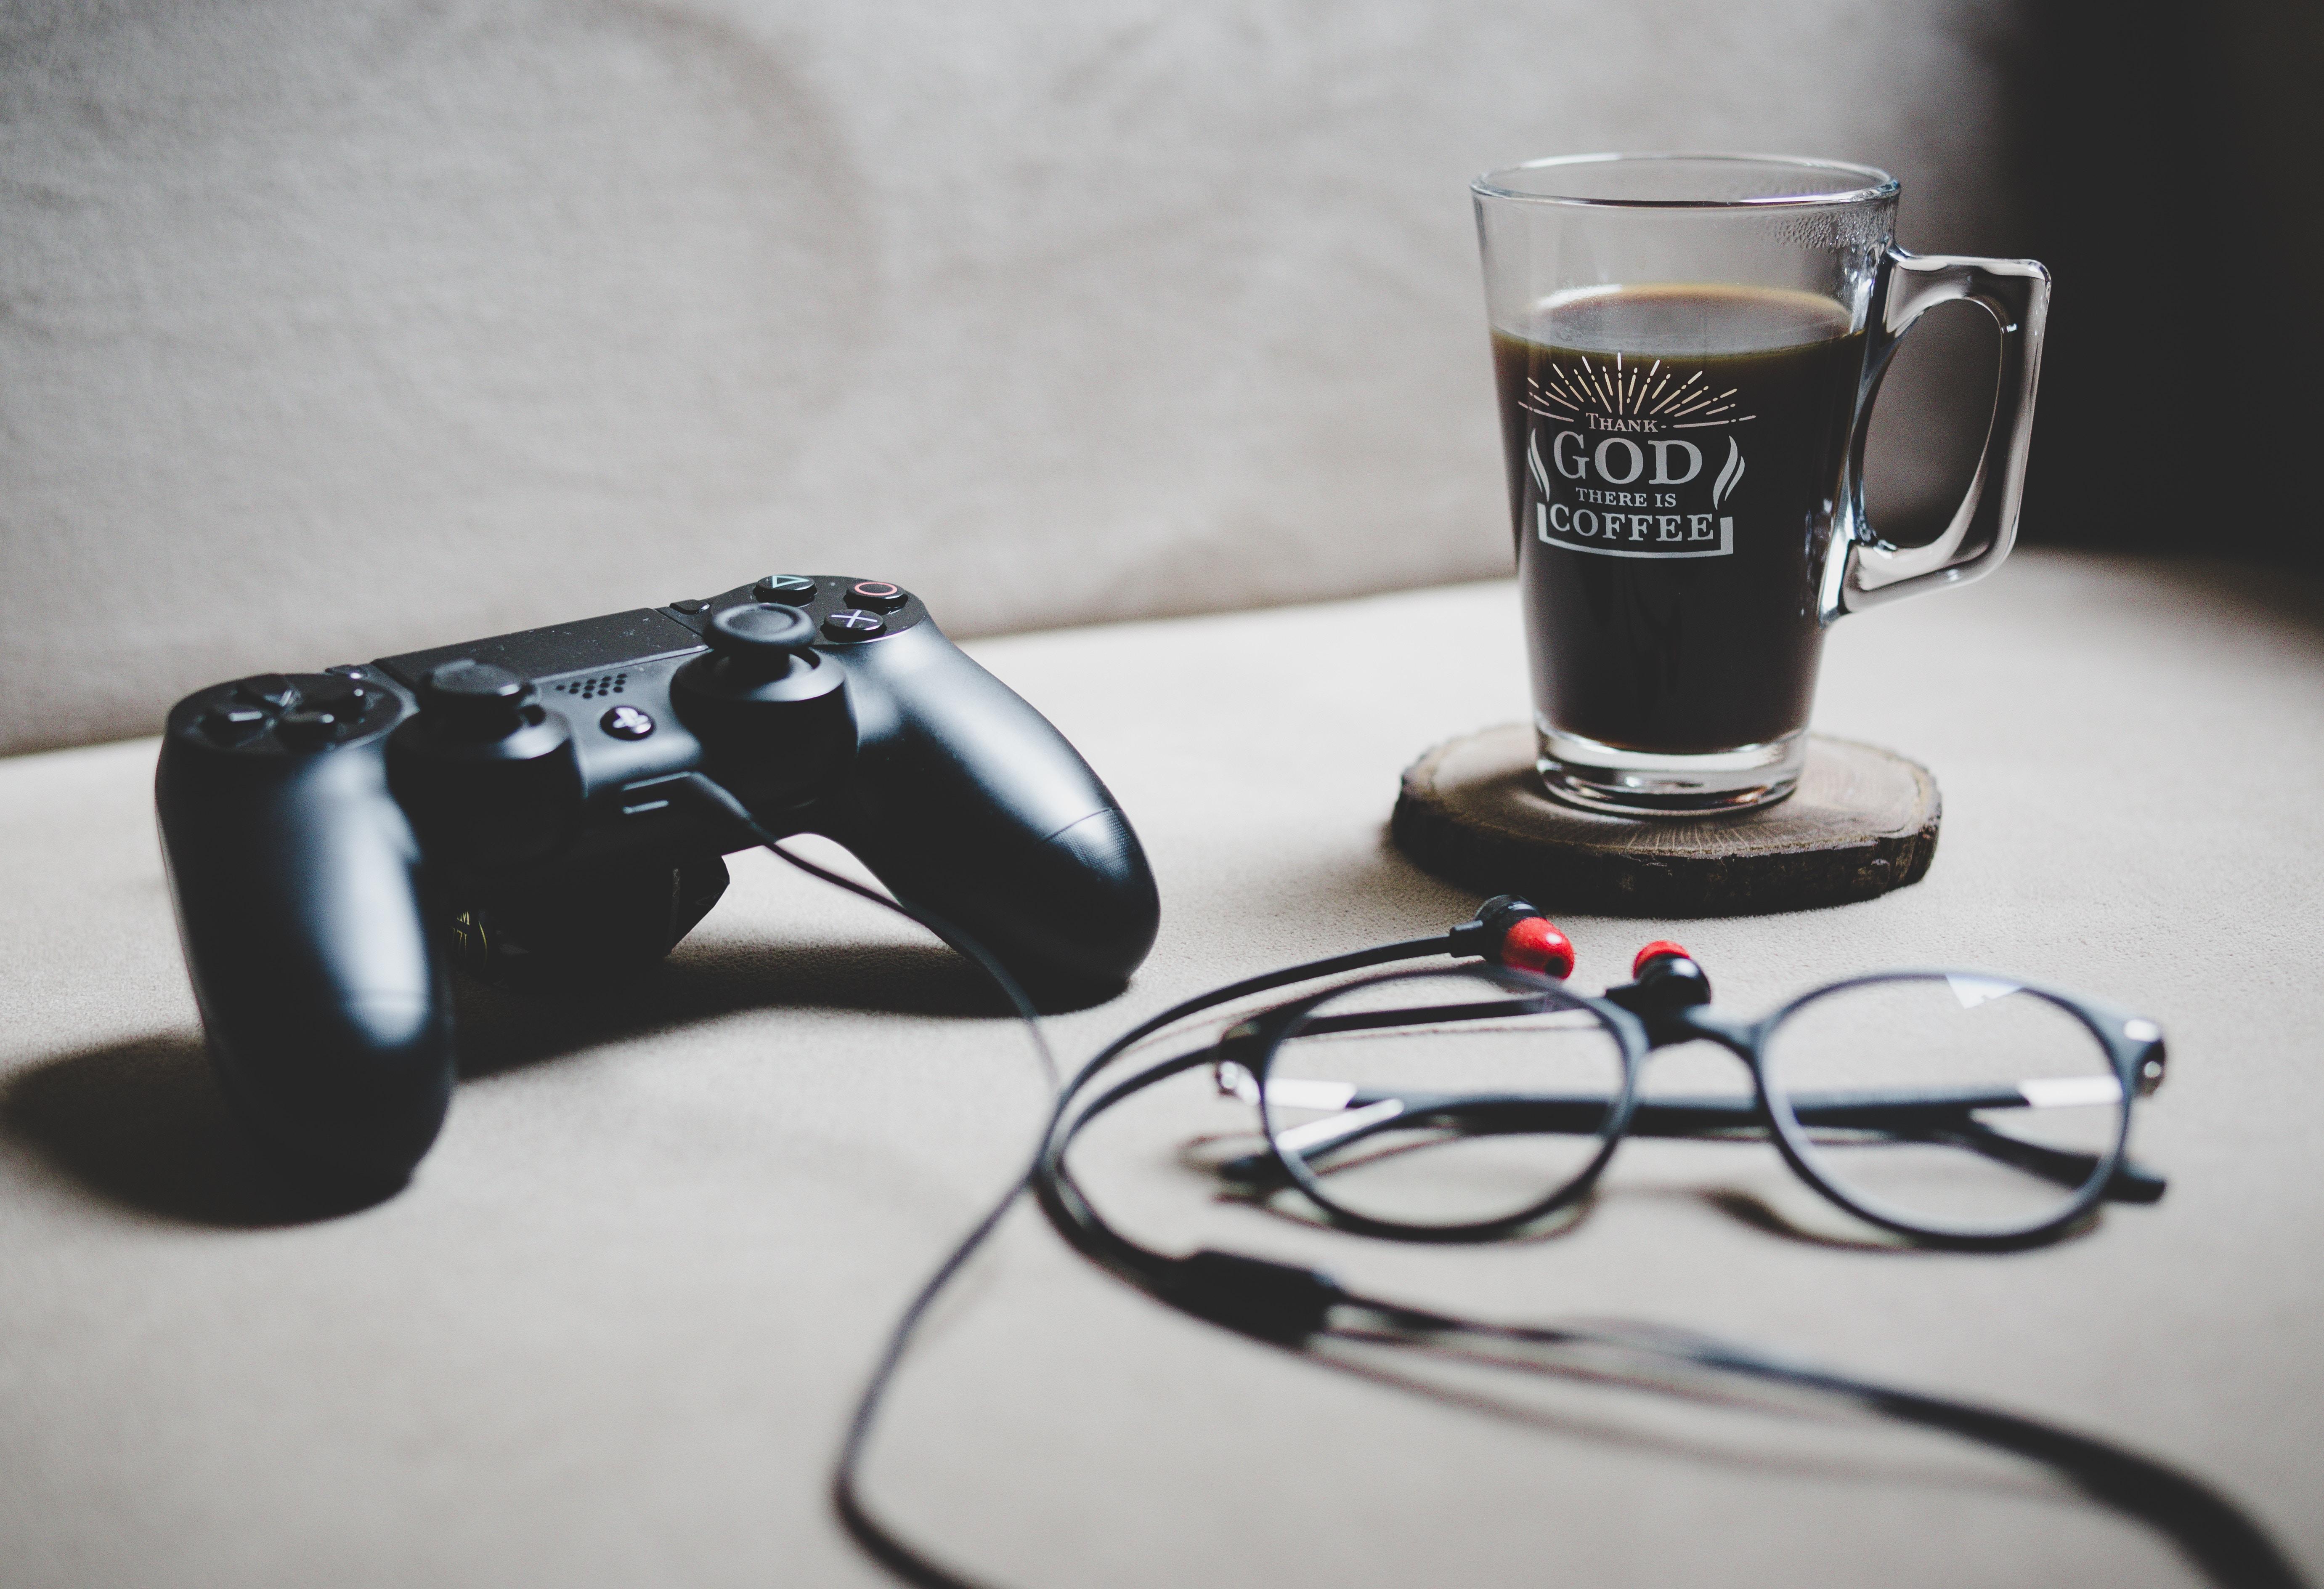 ゲーム用コントローラーの写真